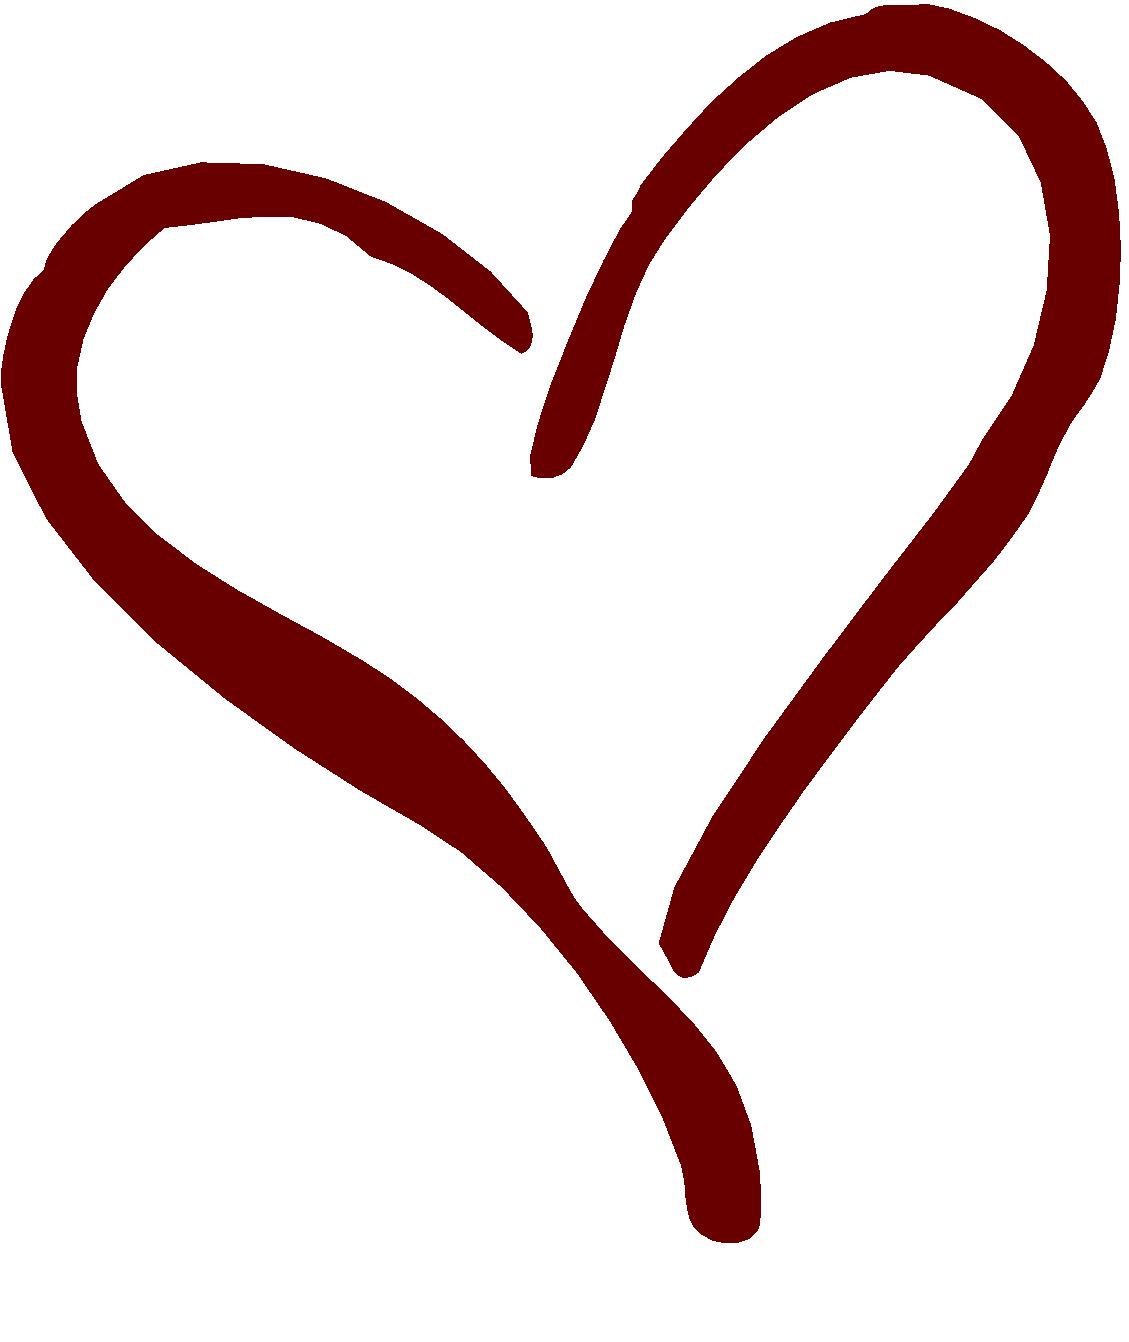 Heart Outline Clip Art Di7exgg4t Jpeg-Heart Outline Clip Art Di7exgg4t Jpeg-16